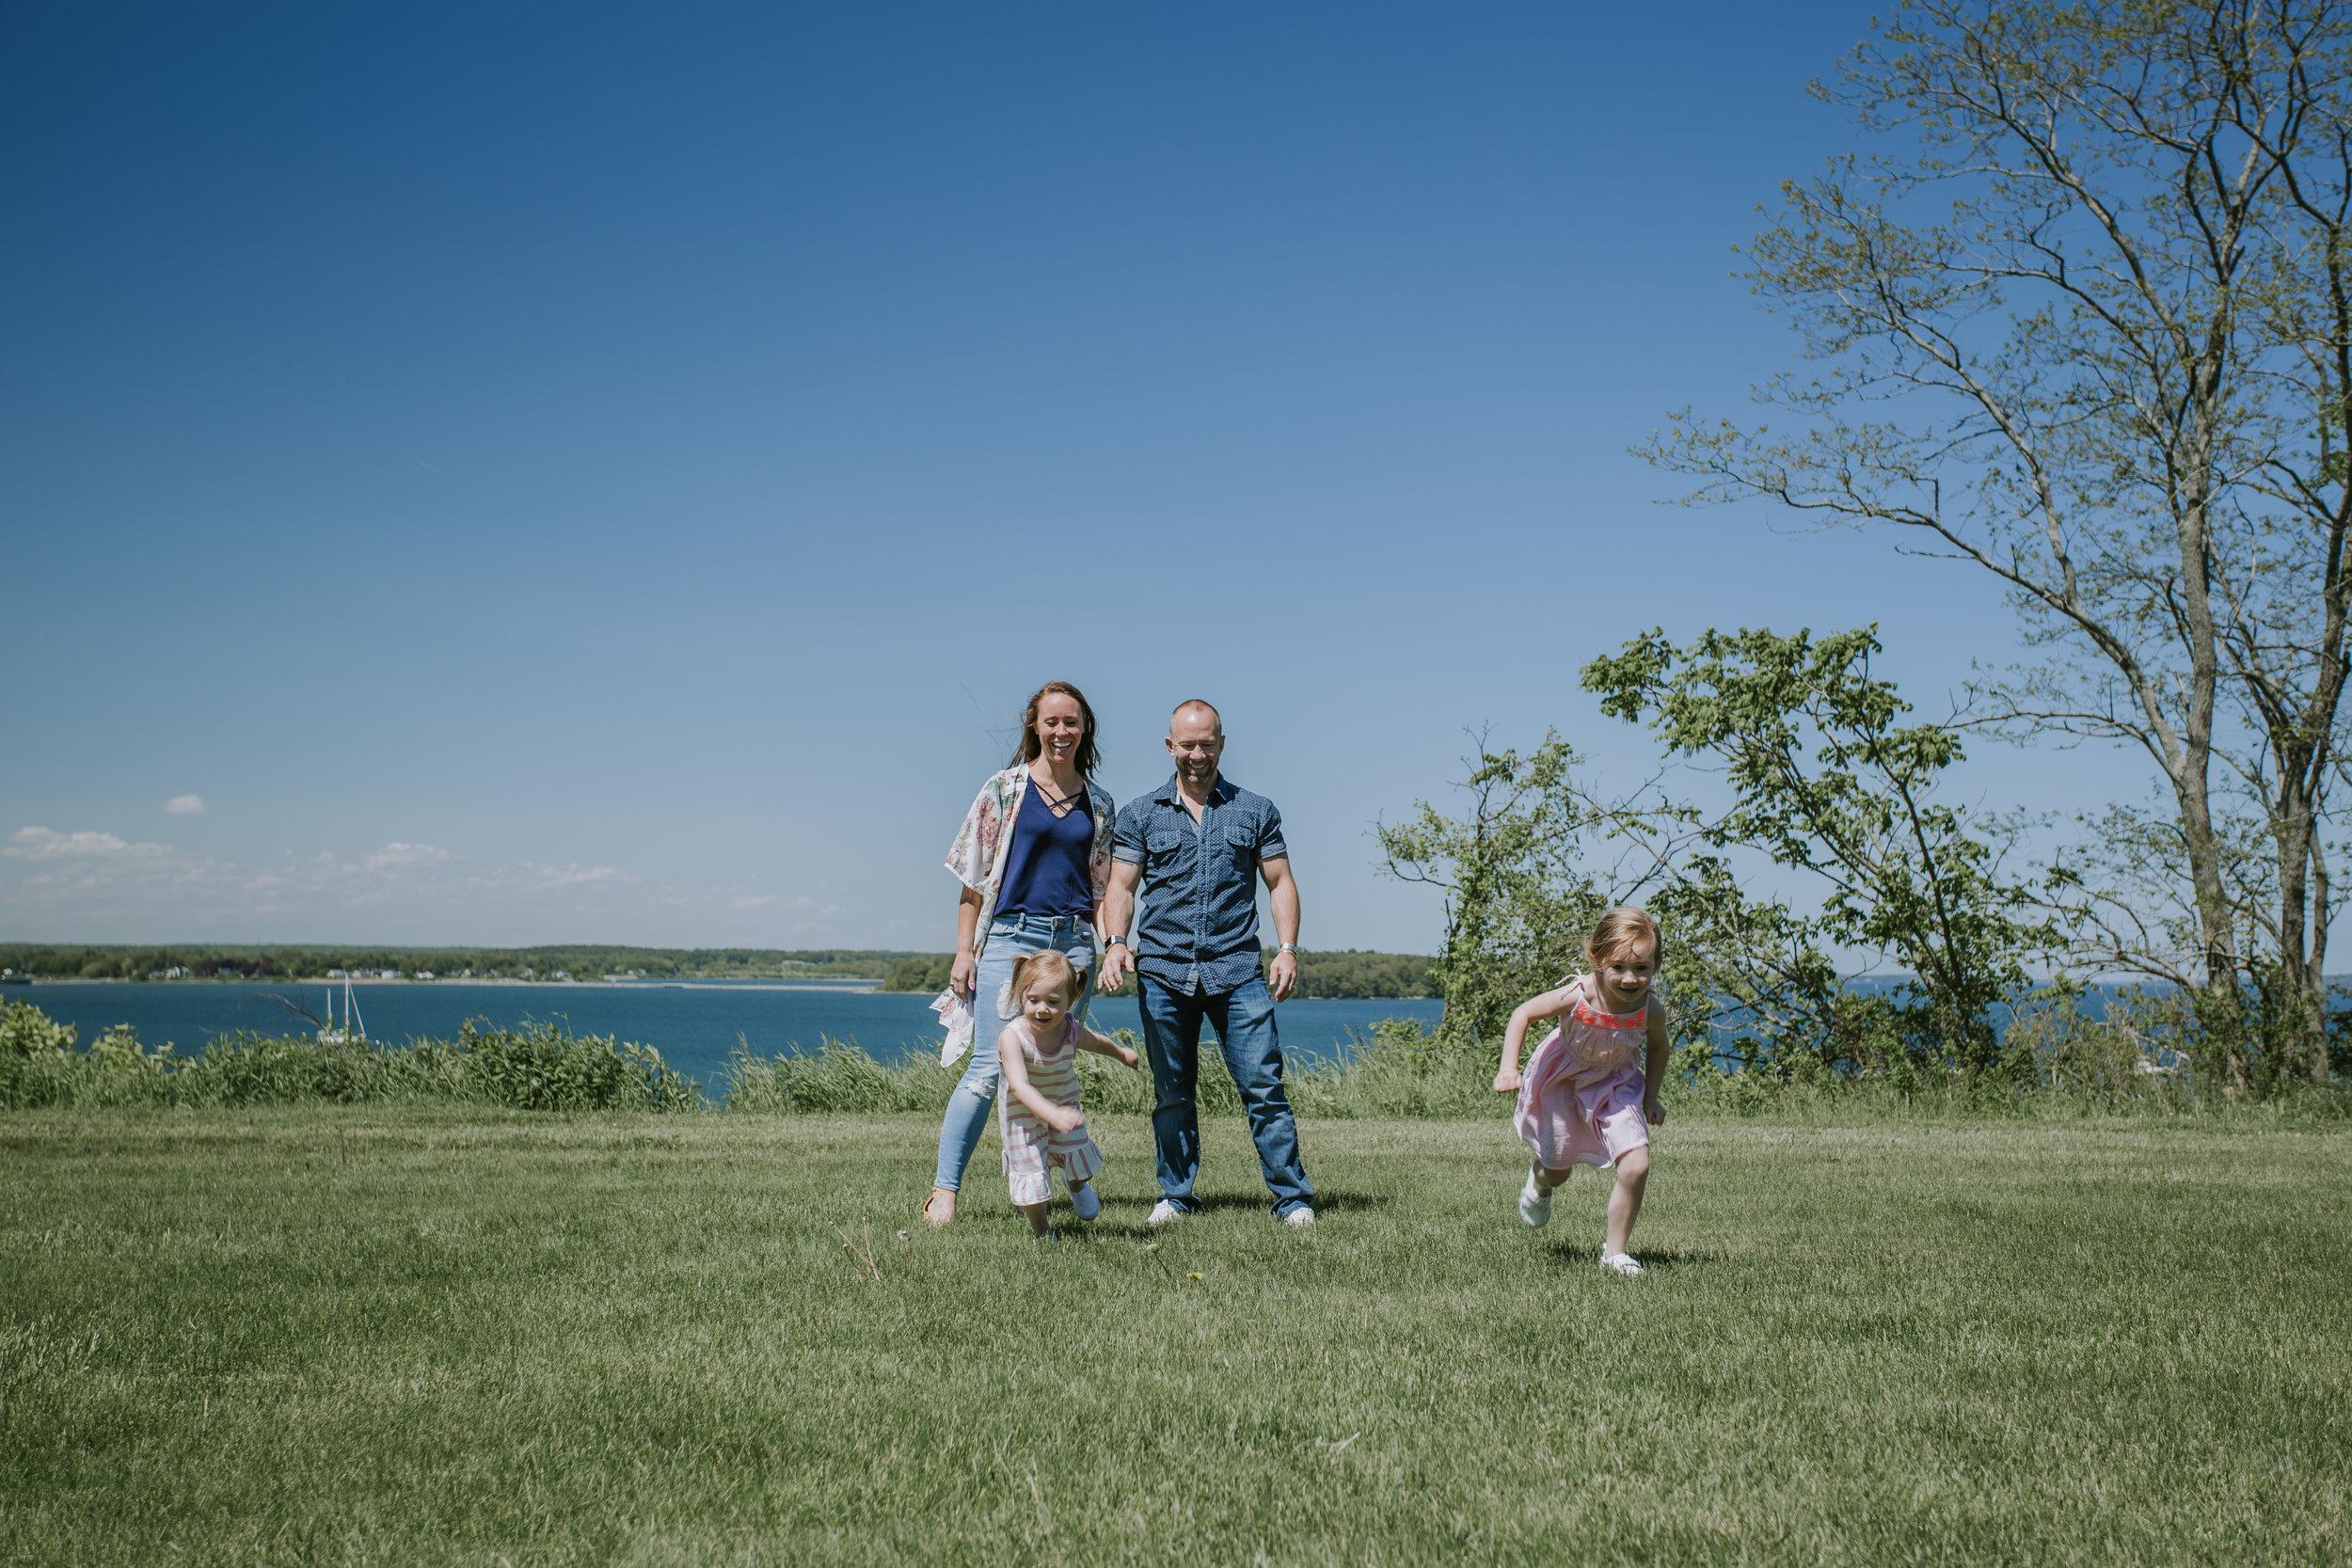 Rebecca_and_Family-81.jpg